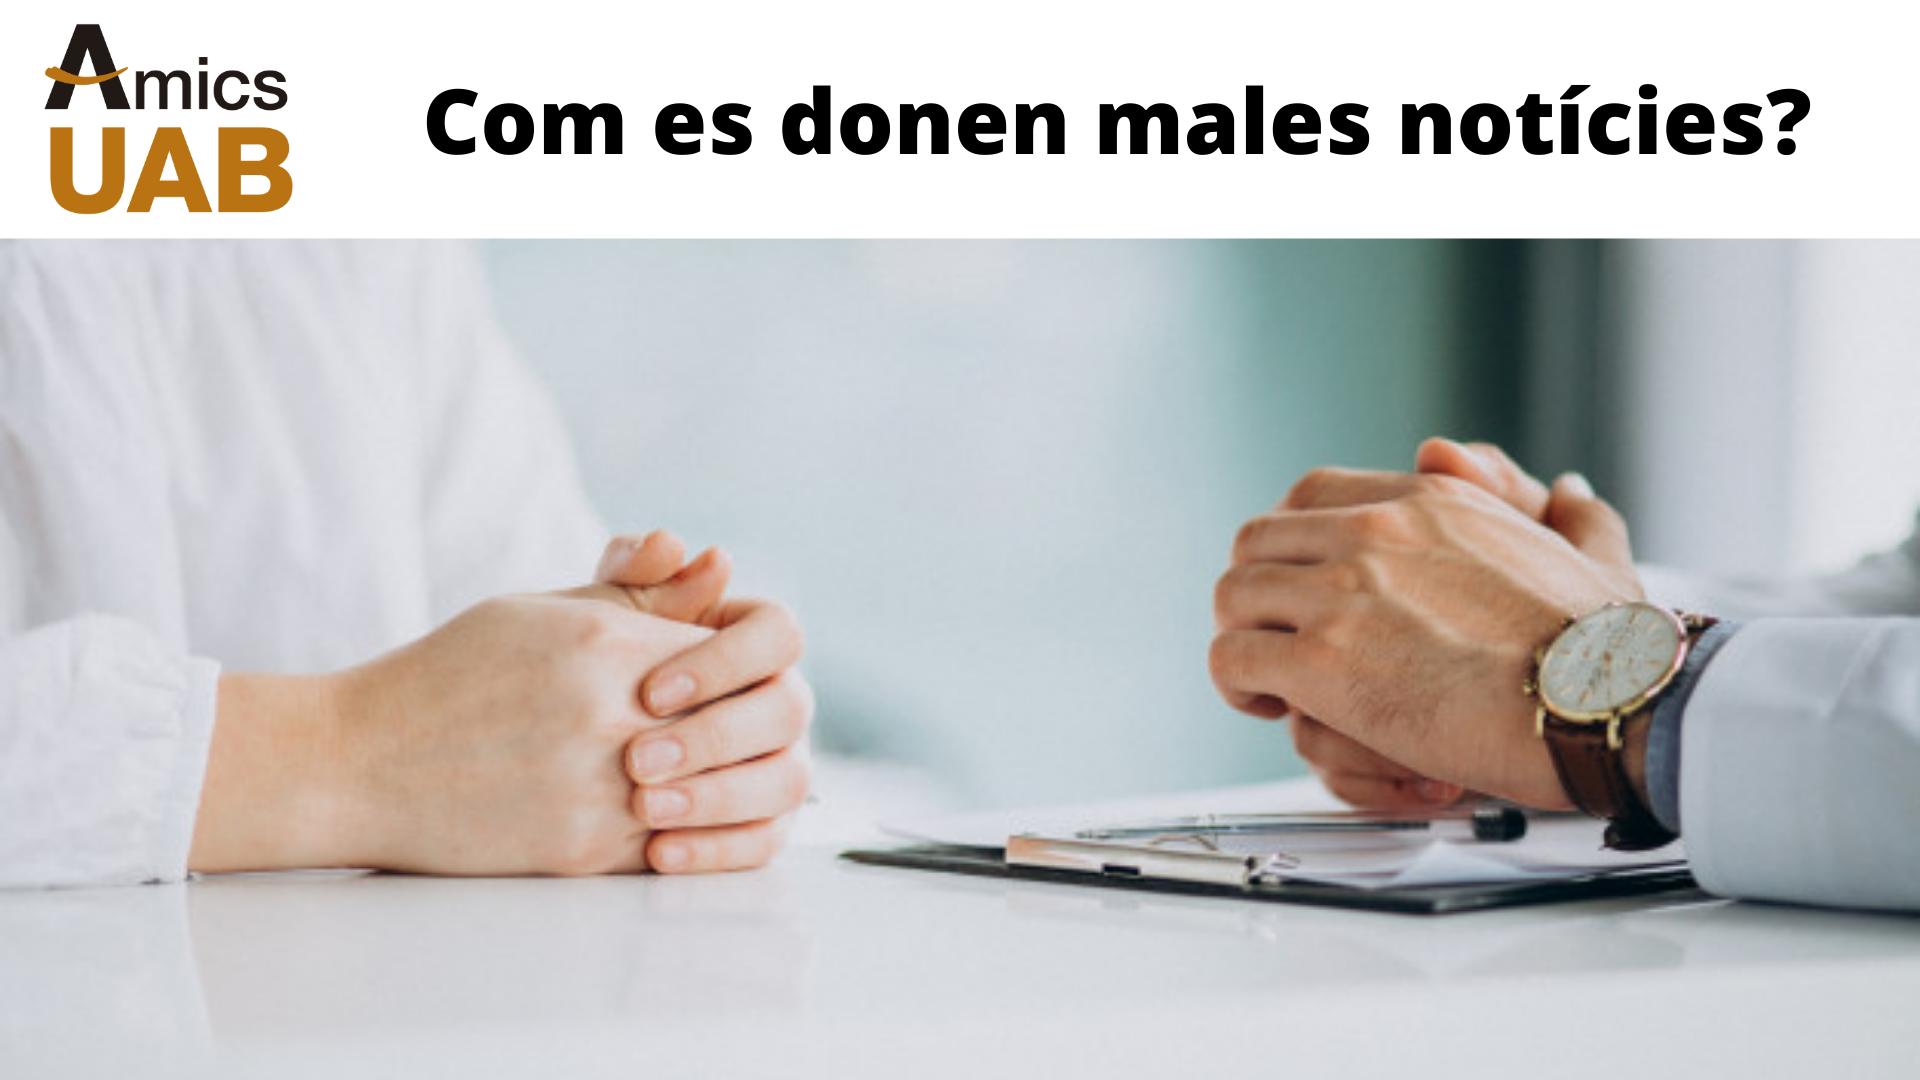 Males Noticies